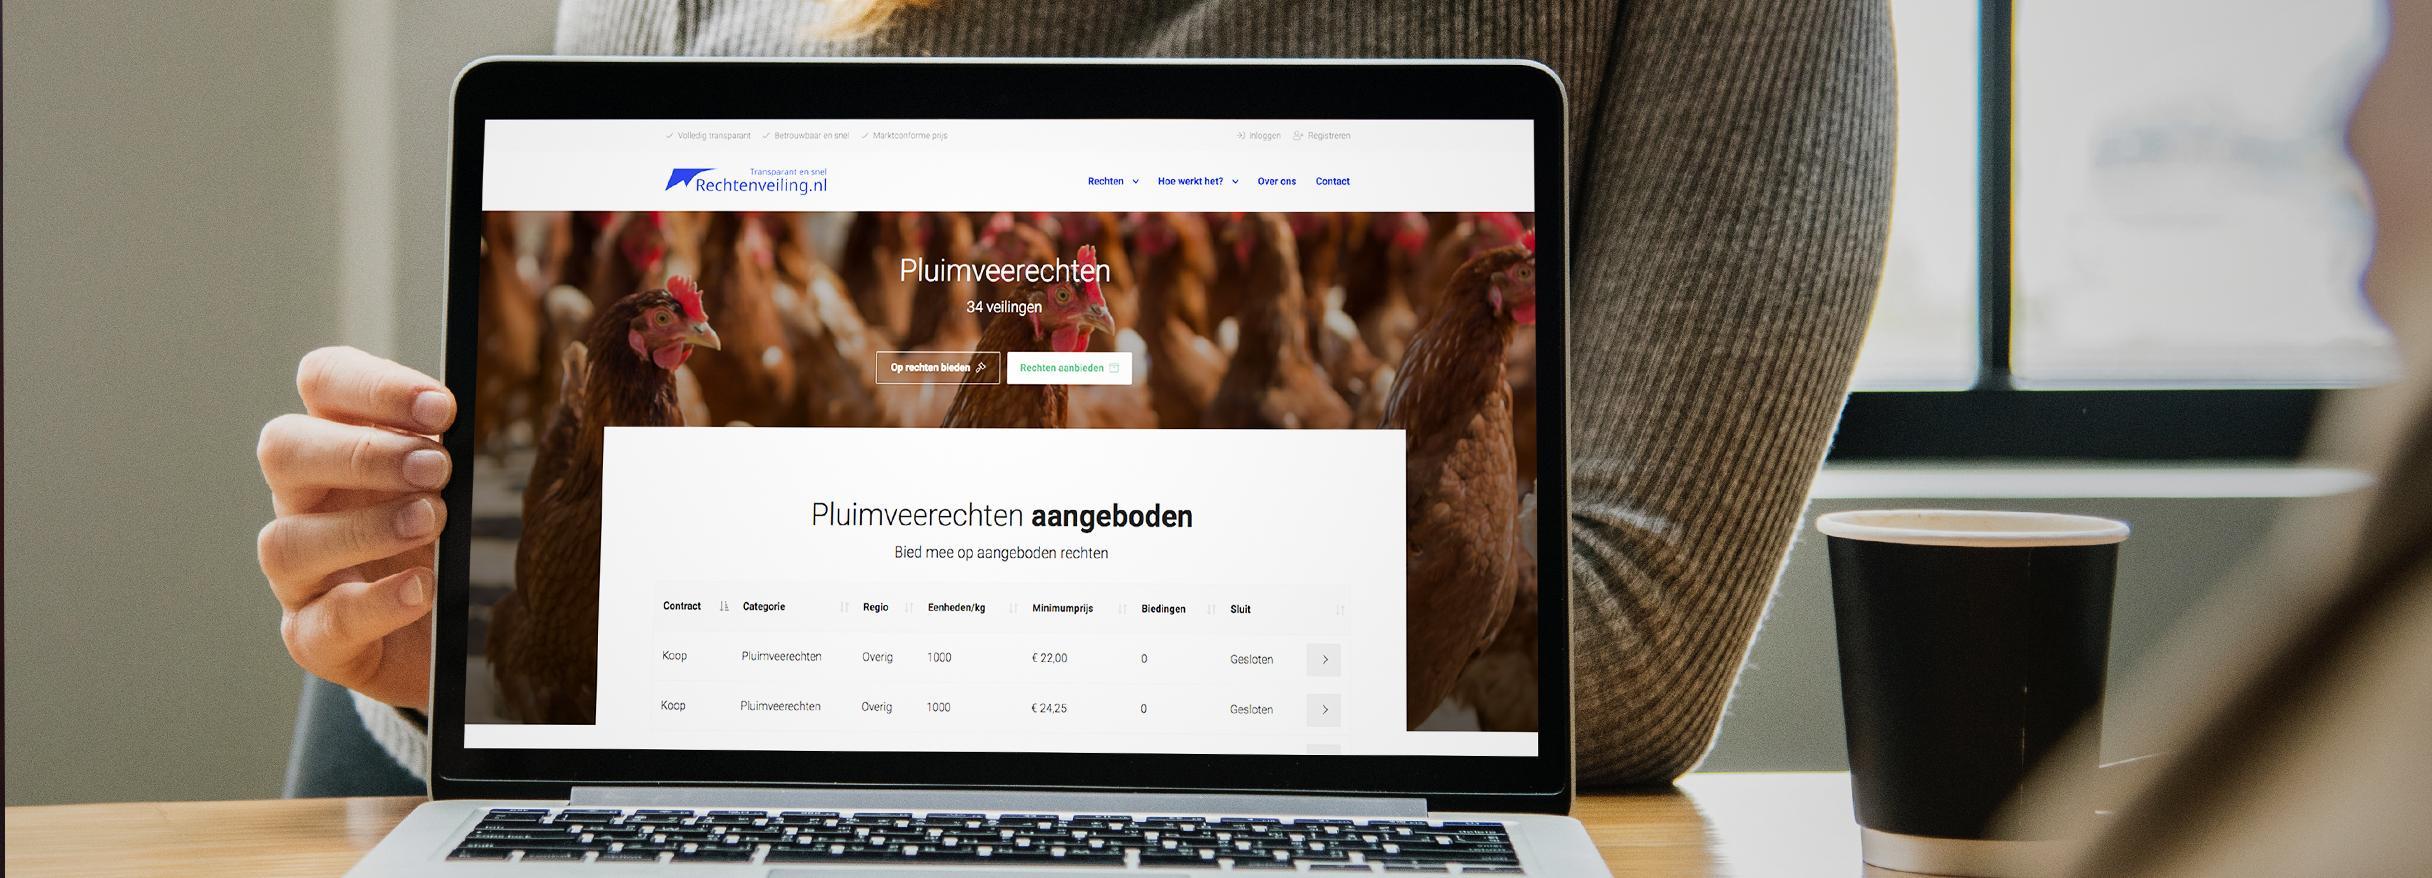 Website met veiling software